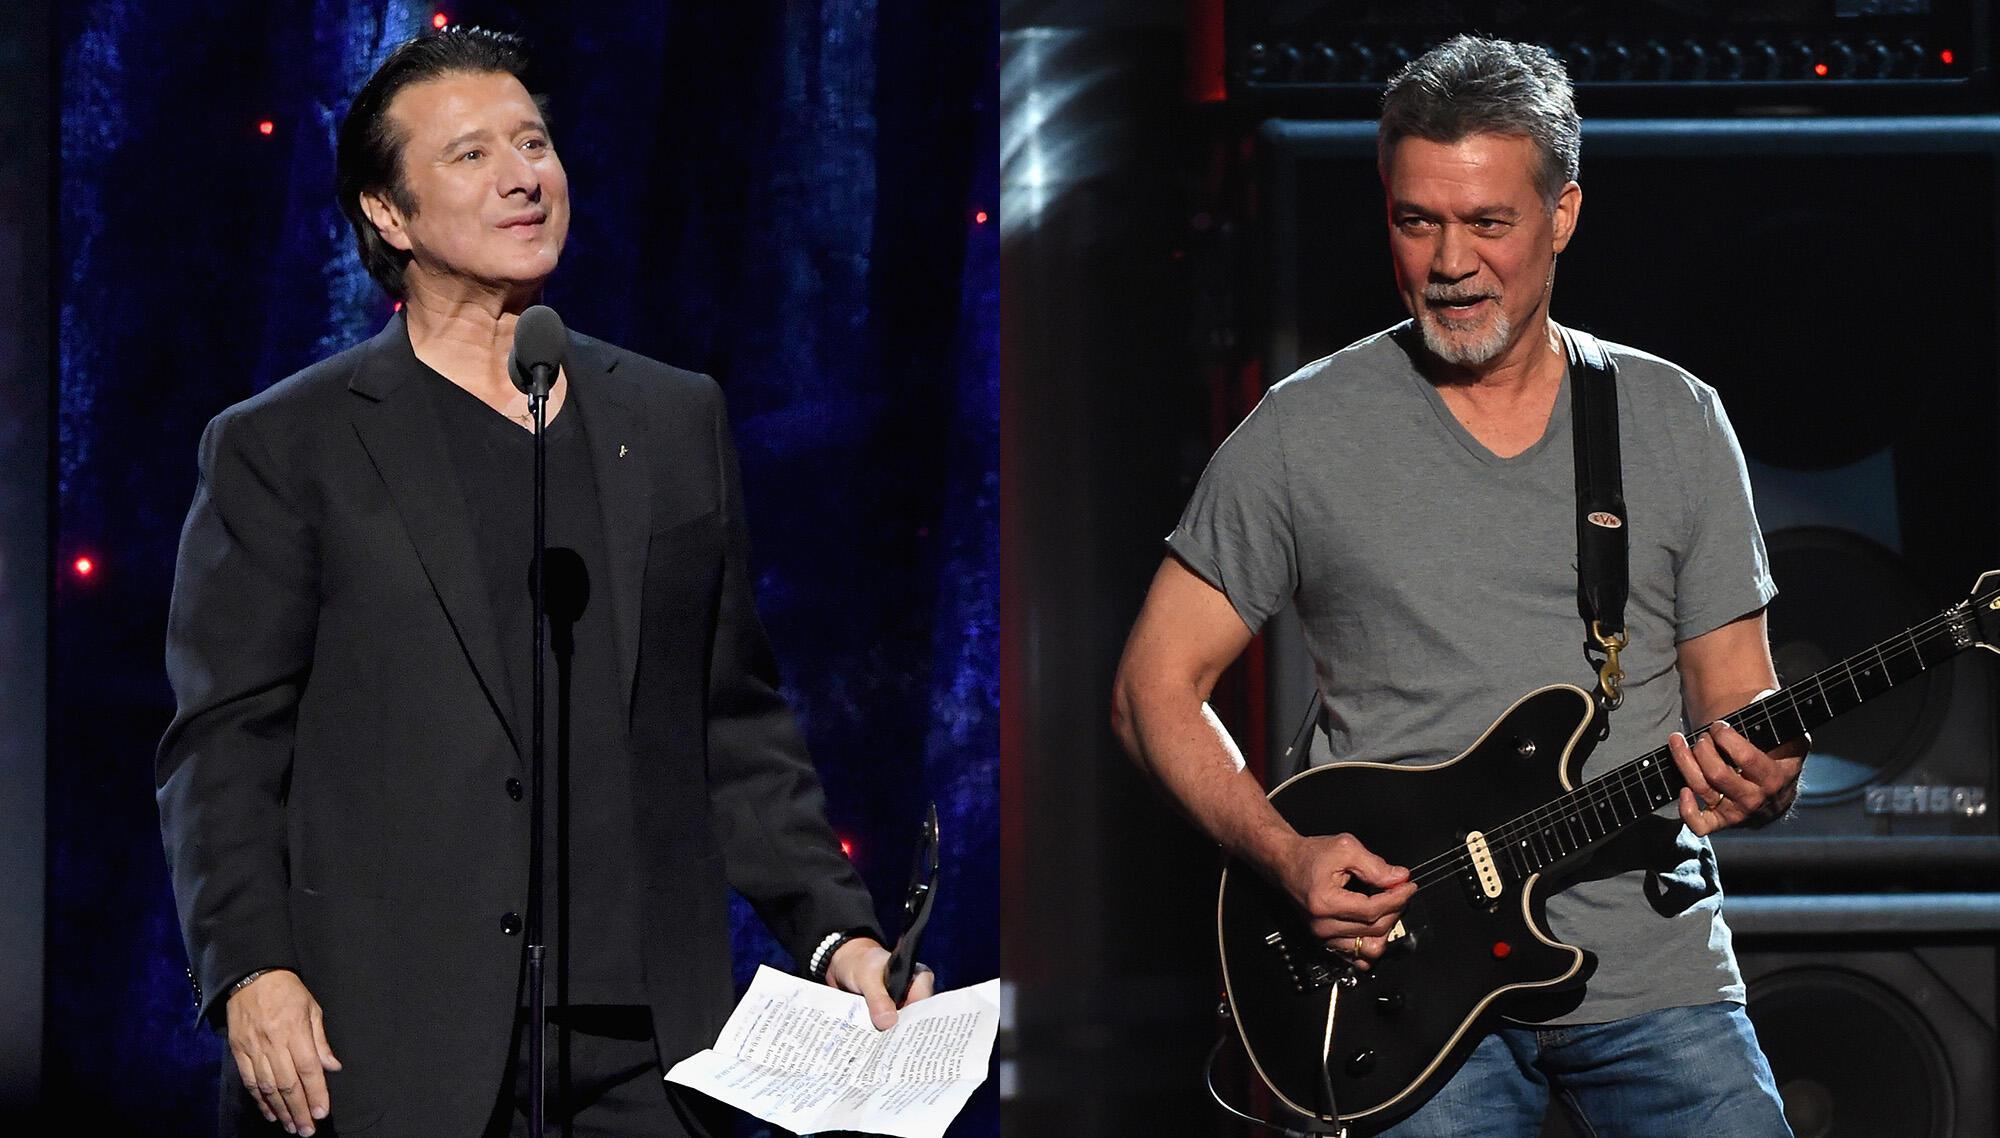 Steve Perry Loved Van Halen But Turned Down Eddie's Invitation To Jam